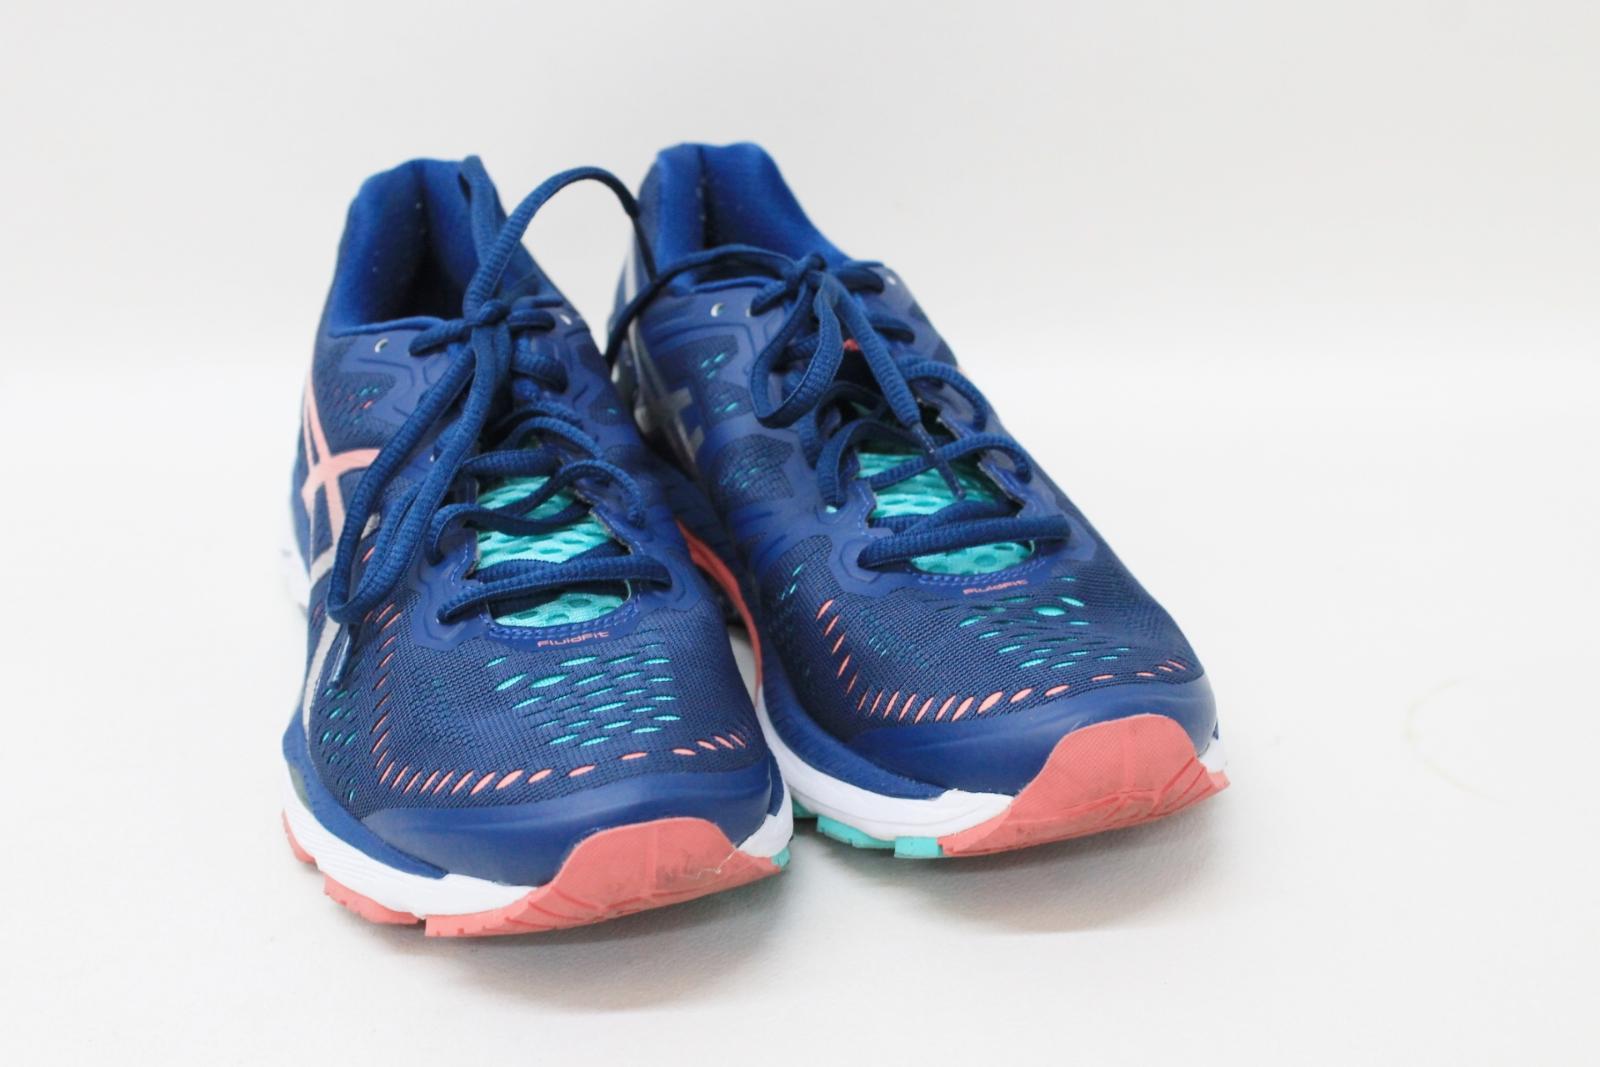 rosa Fluid deporte y damas Fit marino con de Uk7 para Zapatillas azul Asics tamaño Eu40 cordones 57RUXPqw